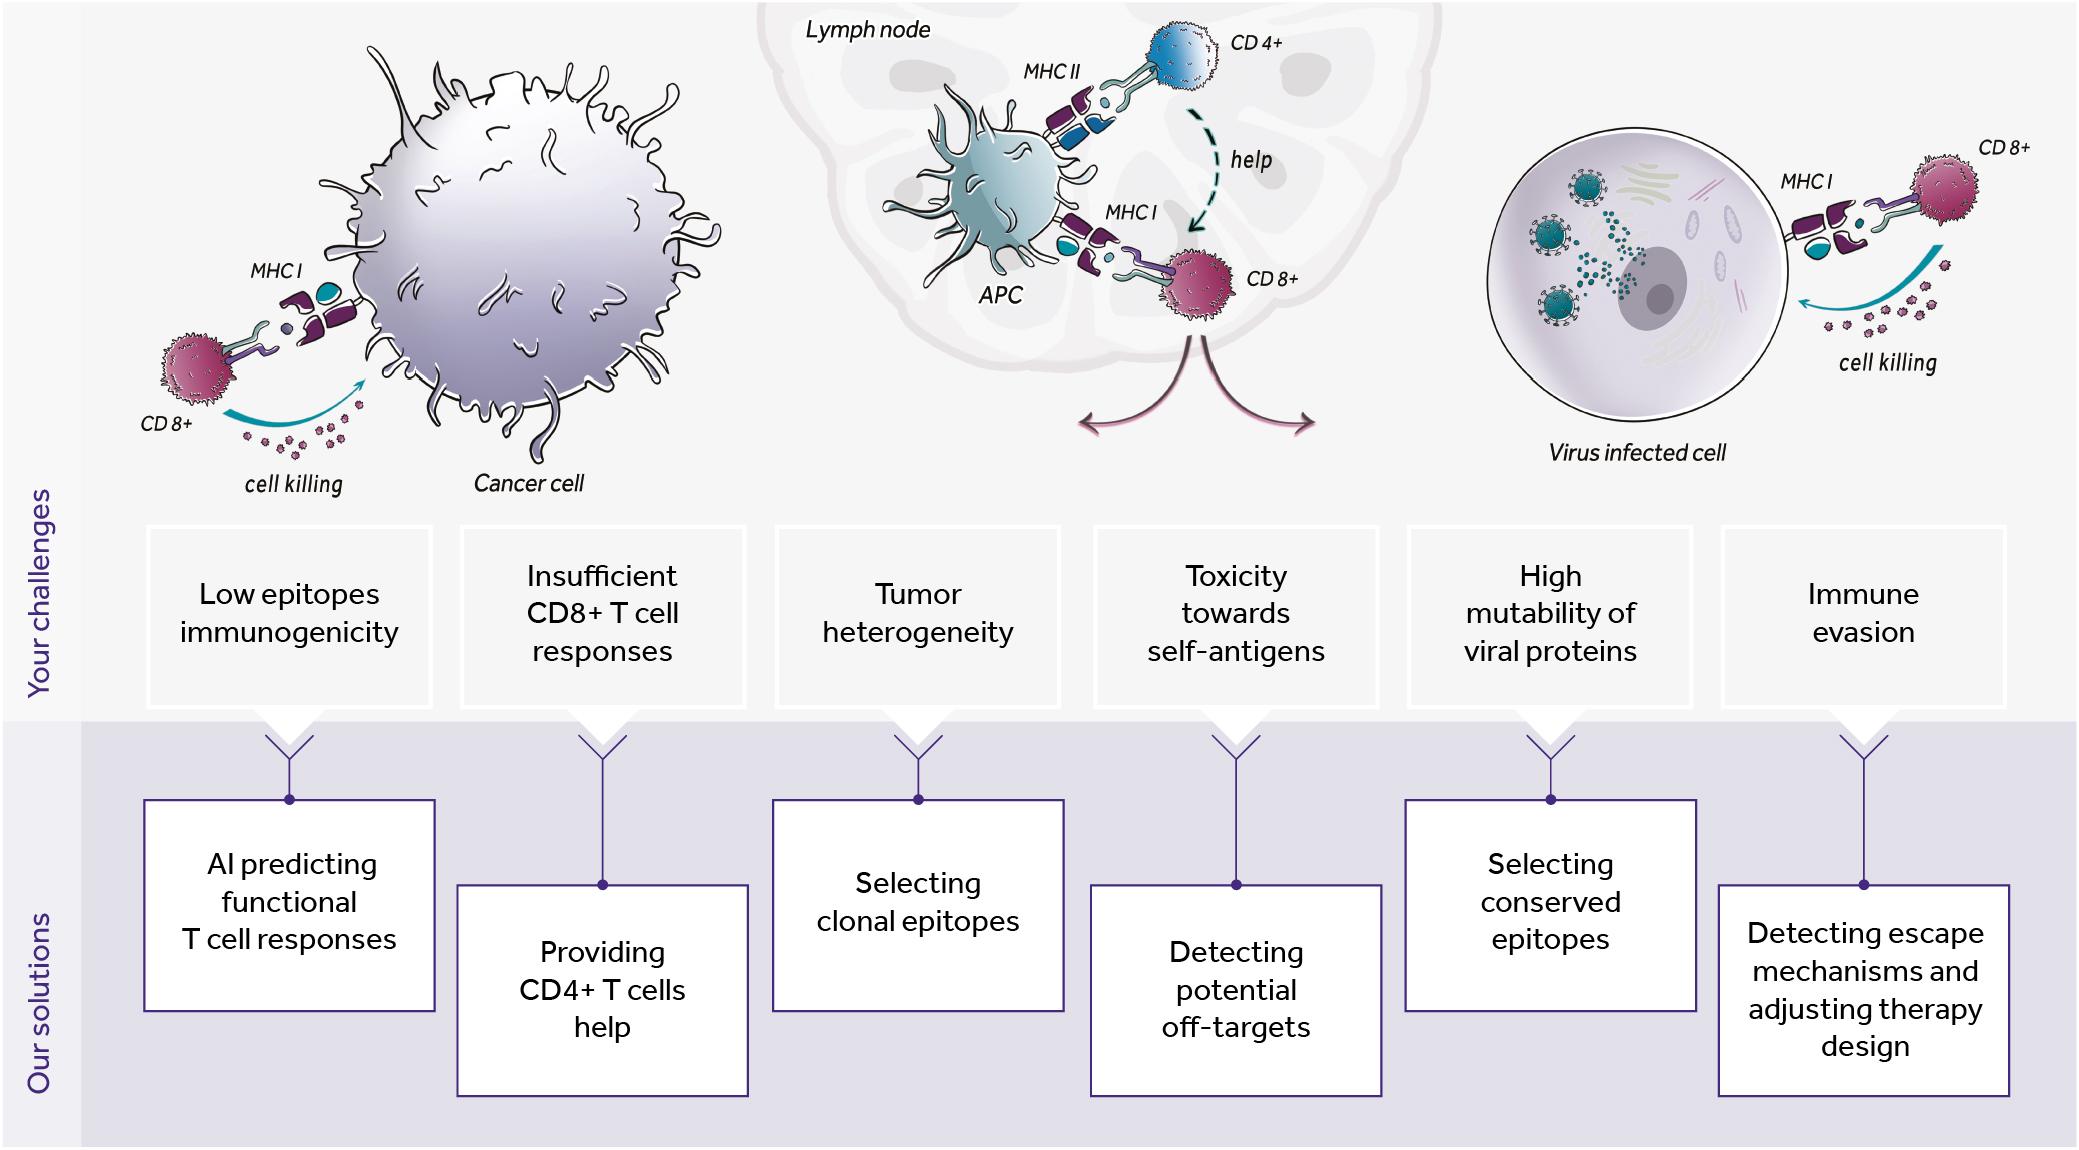 Immunity by design schema